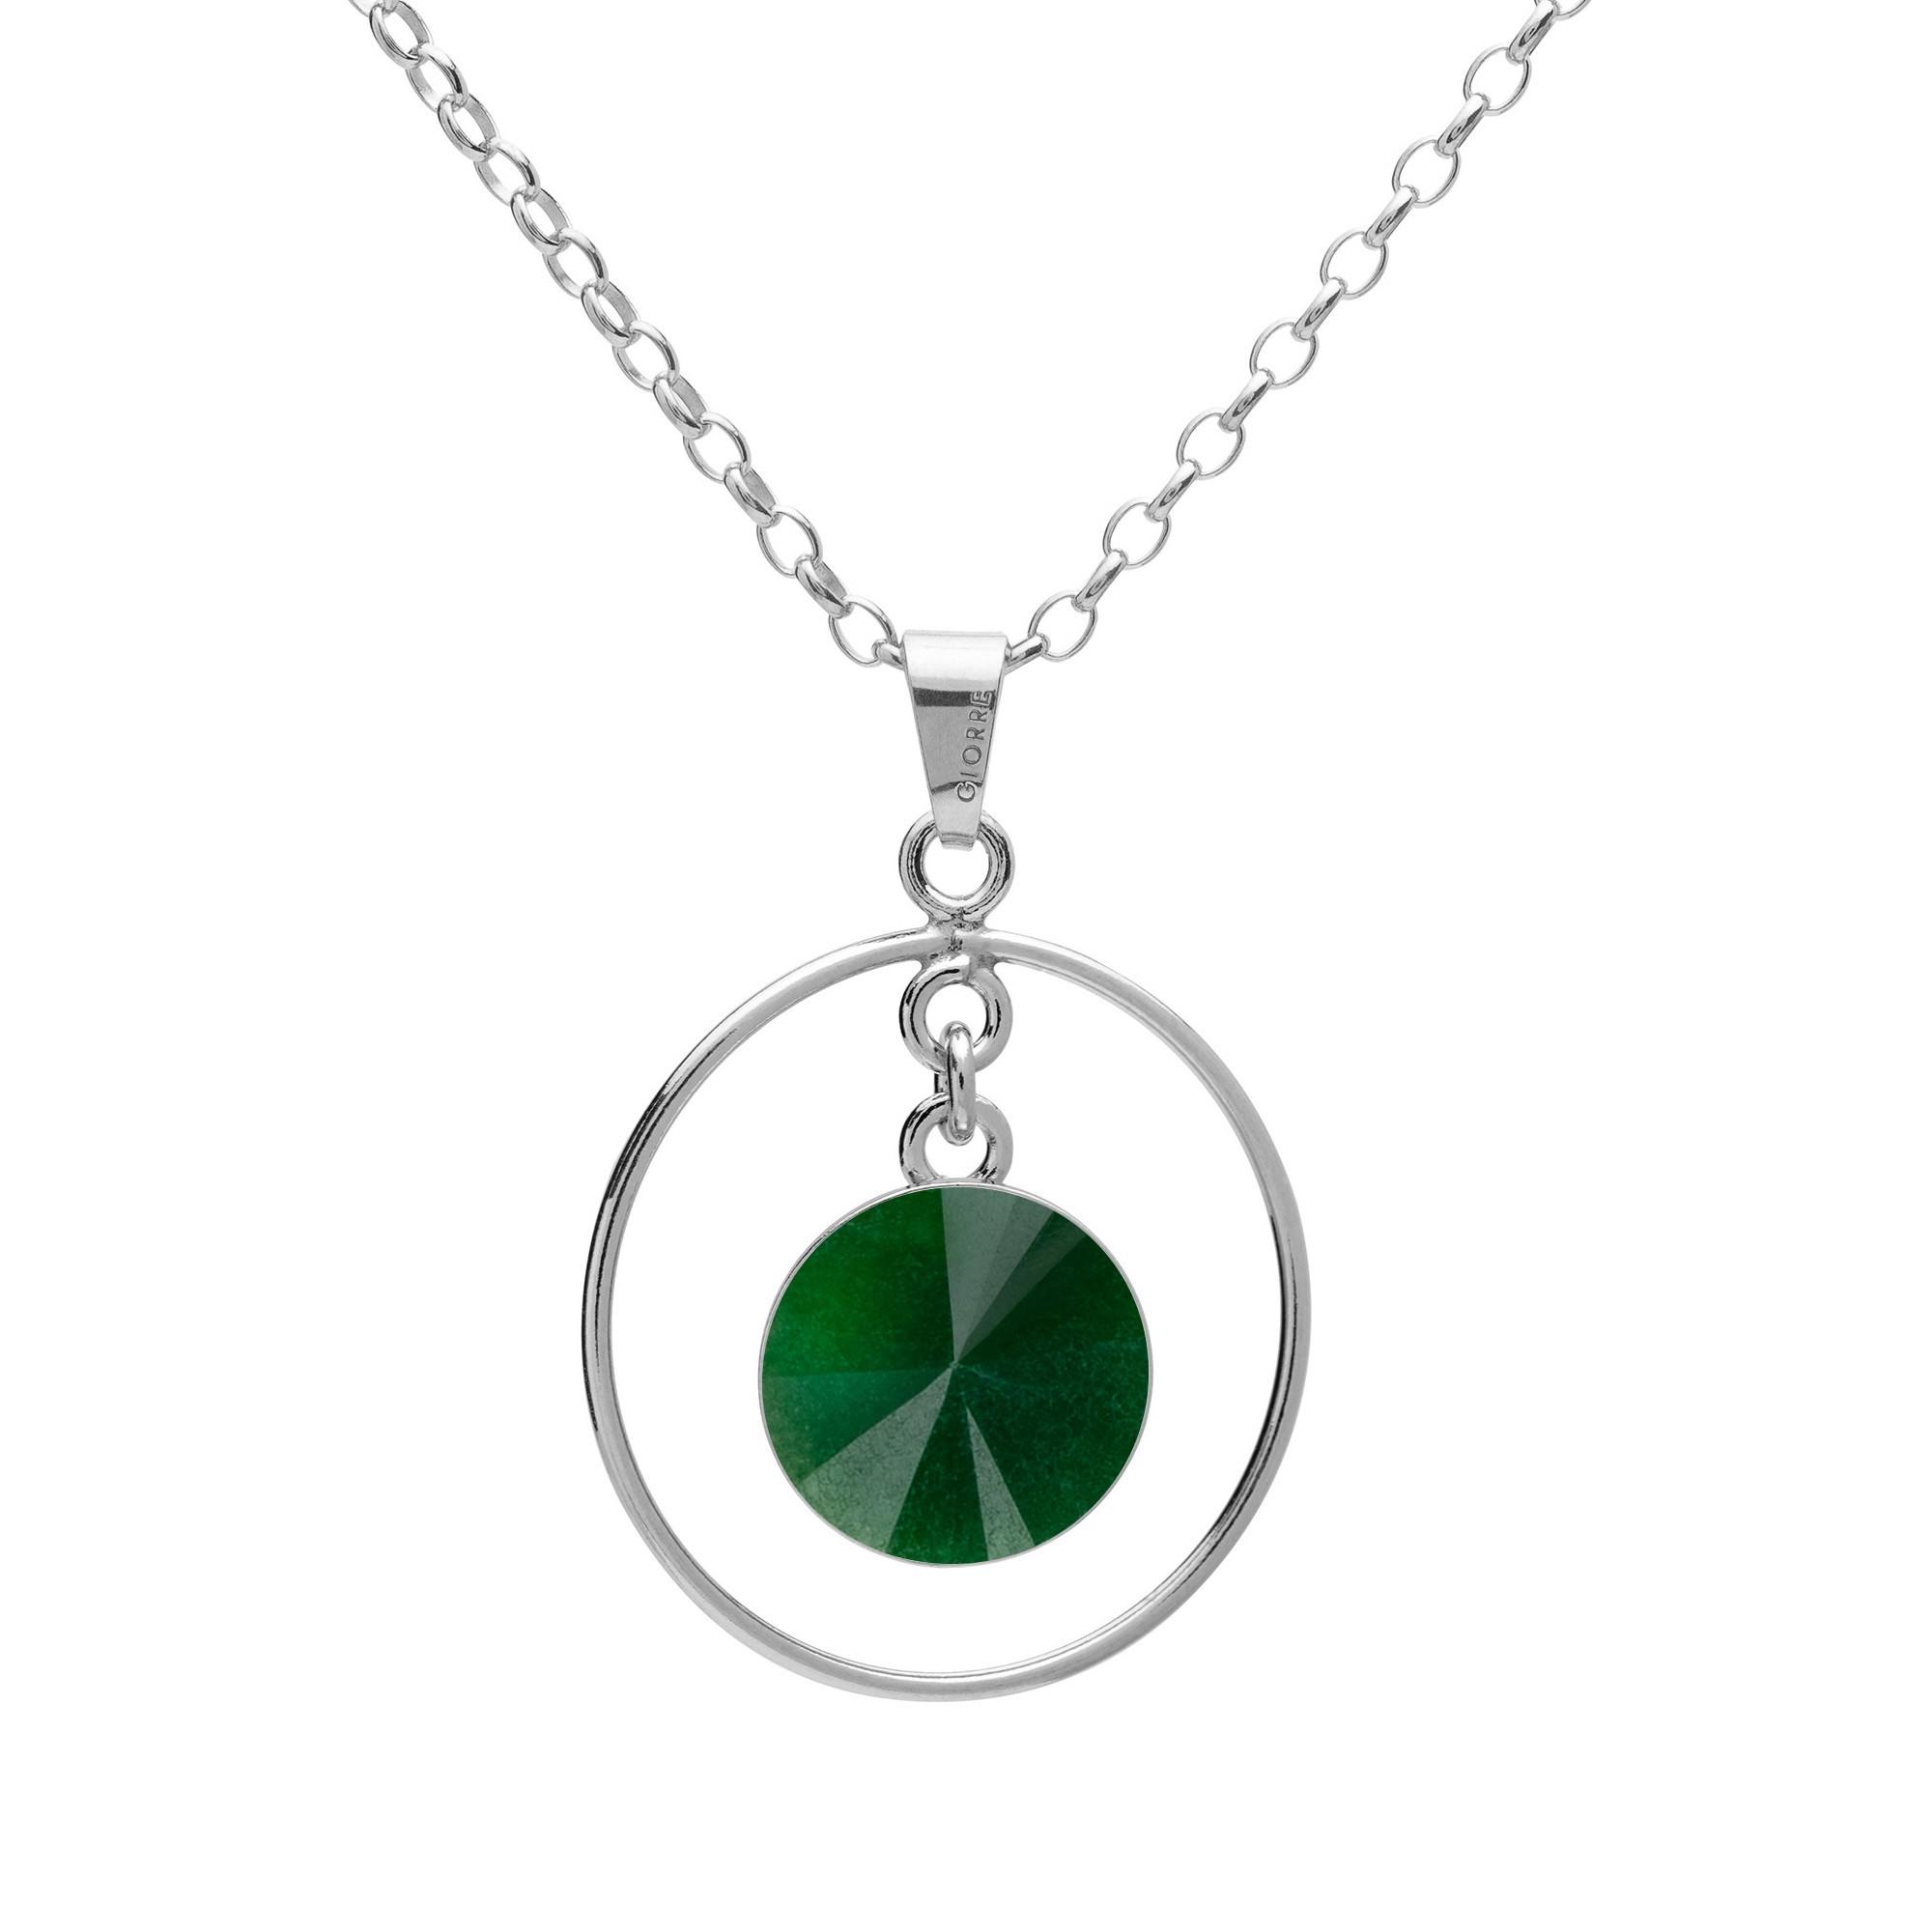 Okrągły naszyjnik z naturalnym kamieniem - jadeit ciemno zielony srebro 925